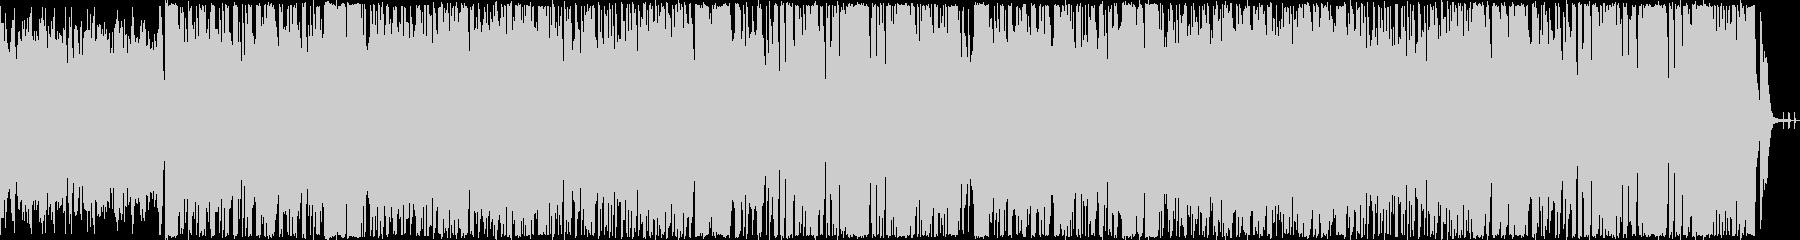 戦隊物イメージしたコミカルな曲の未再生の波形